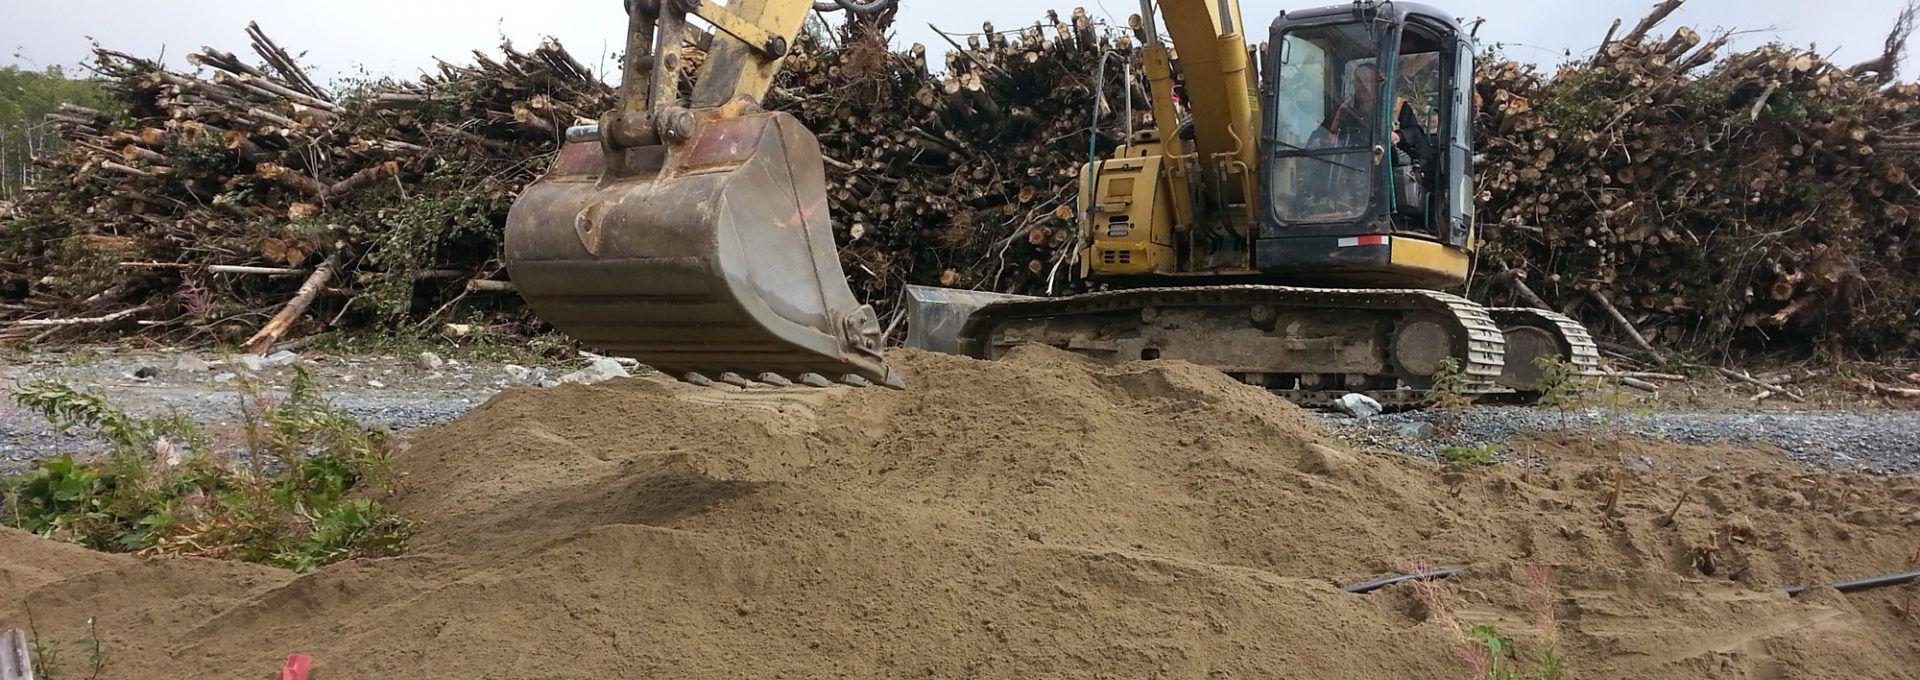 Nous nous spécialisons dans le secteur forestier et des infrastructures.